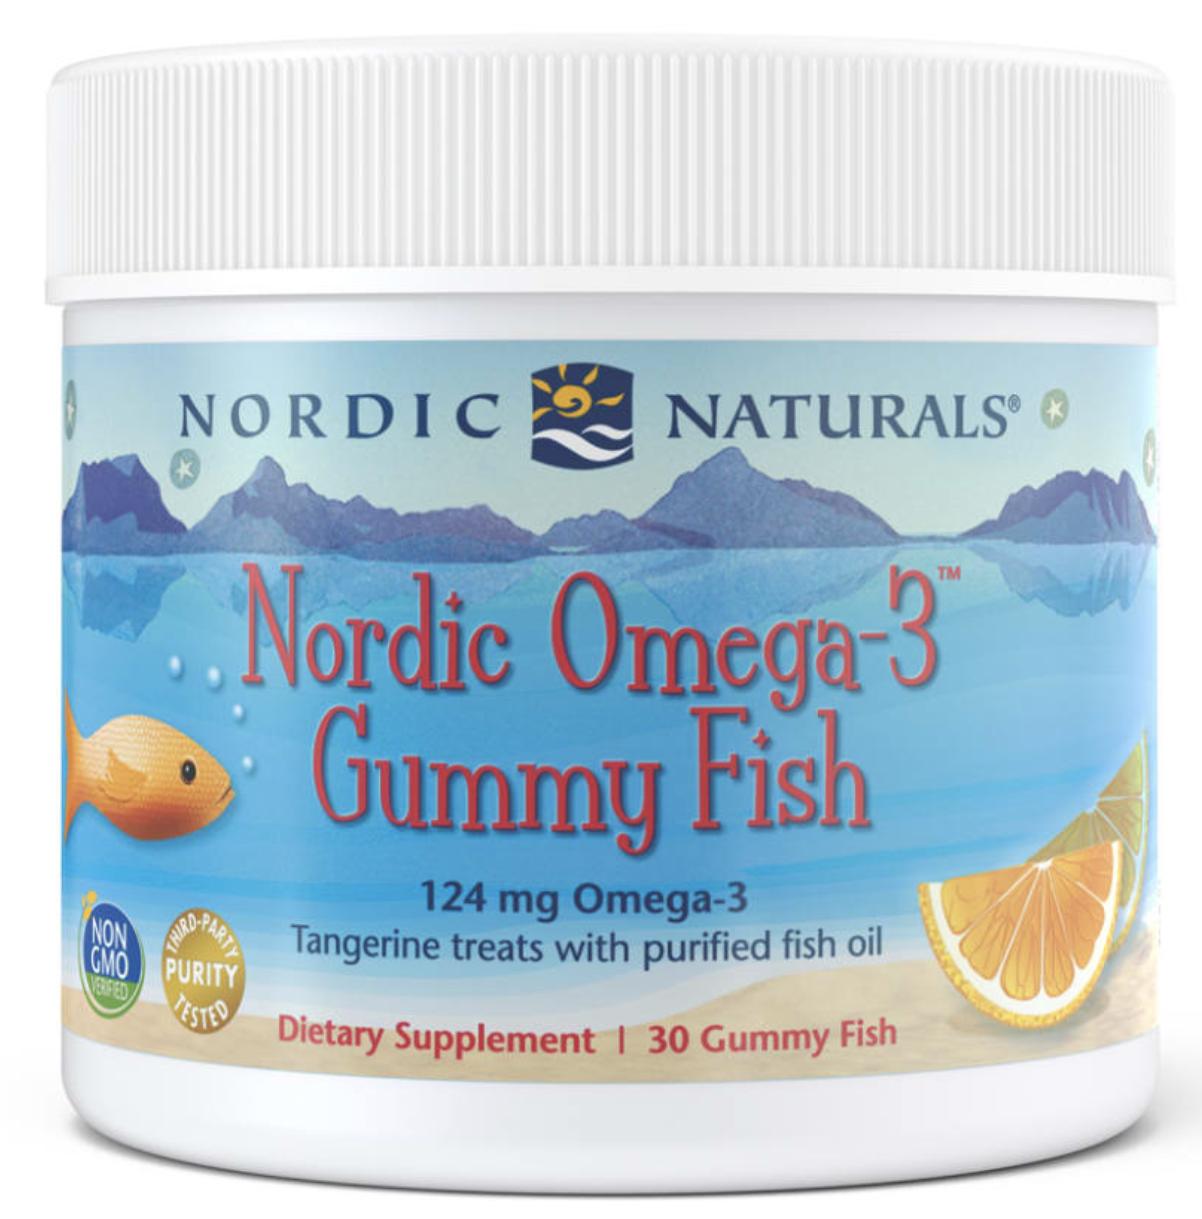 Nordic Naturals Omega-3 Gummy Fish